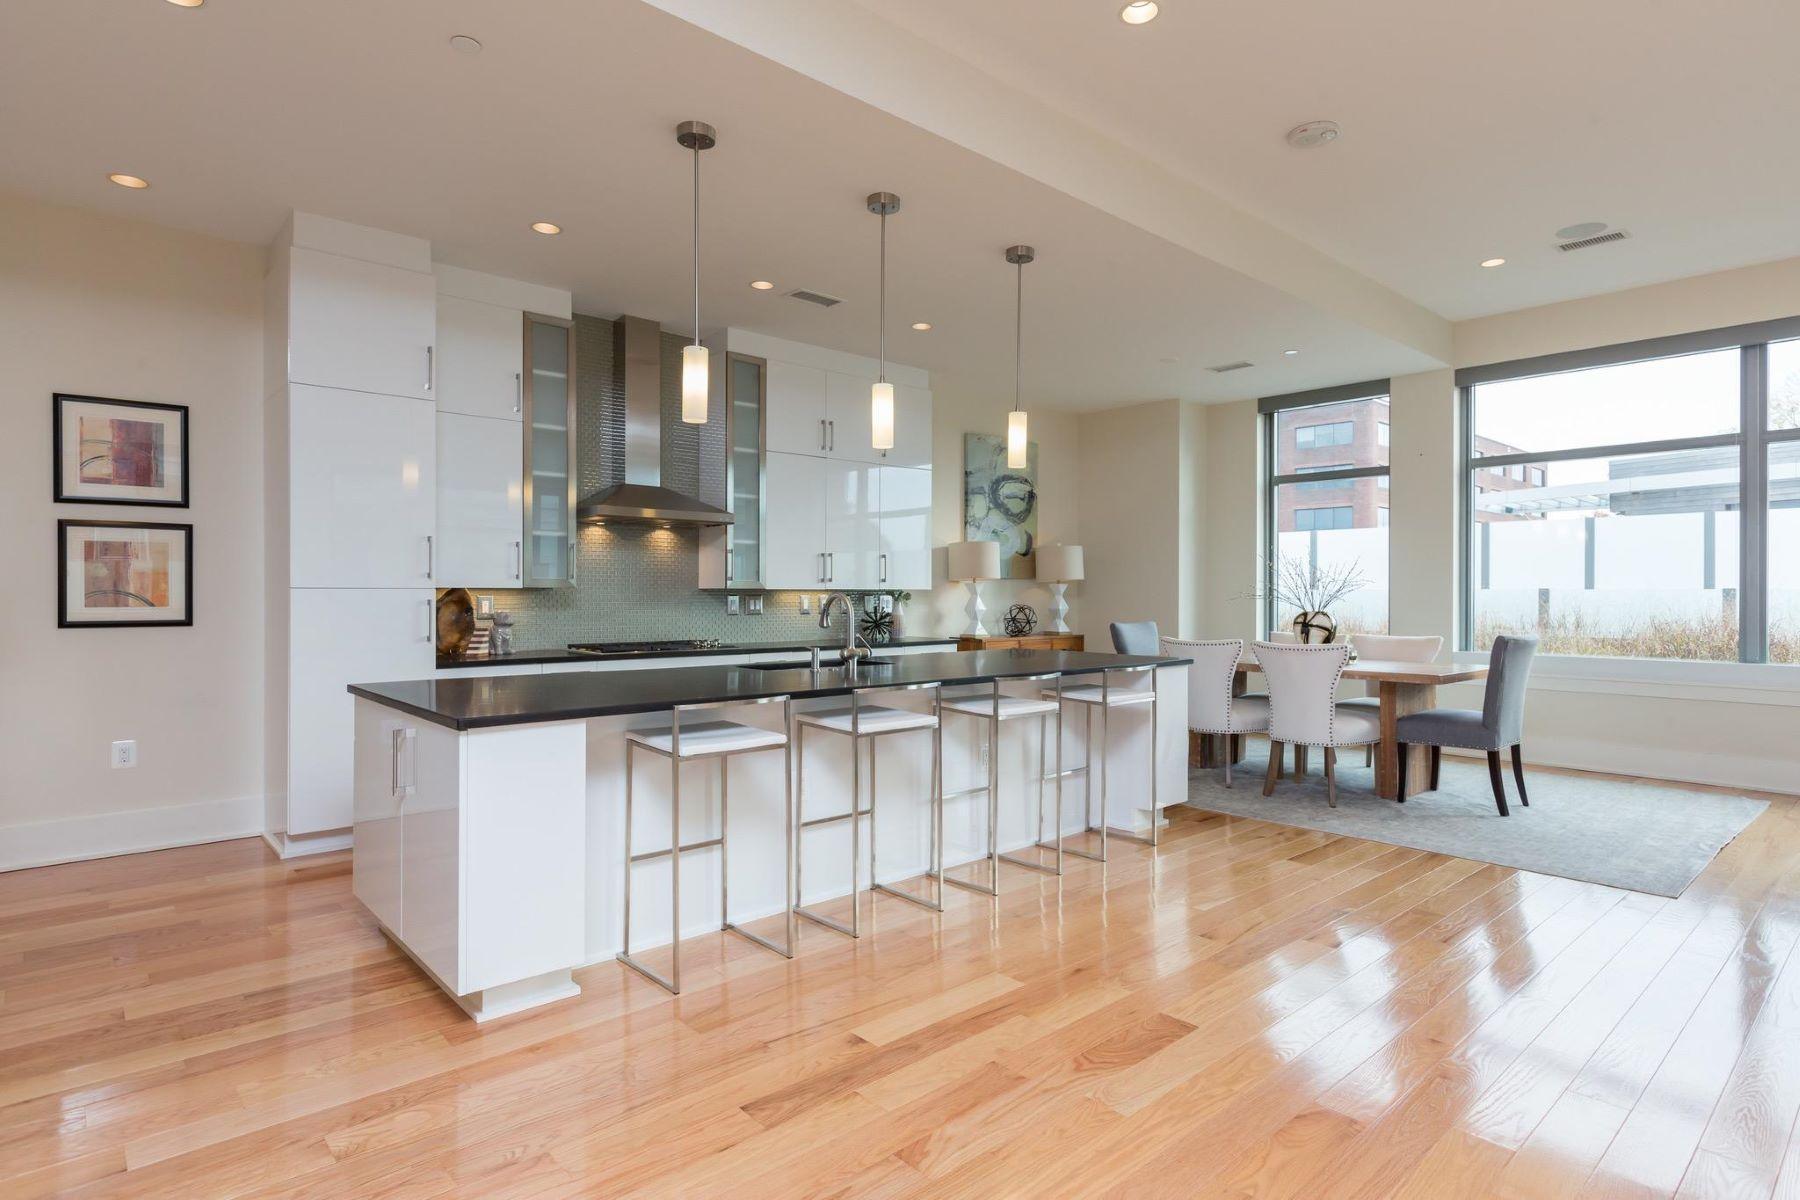 Πολυκατοικία ατομικής ιδιοκτησίας για την Πώληση στο 601 Fairfax St #202 601 Fairfax St #202 Alexandria, Βιρτζινια 22314 Ηνωμενεσ Πολιτειεσ